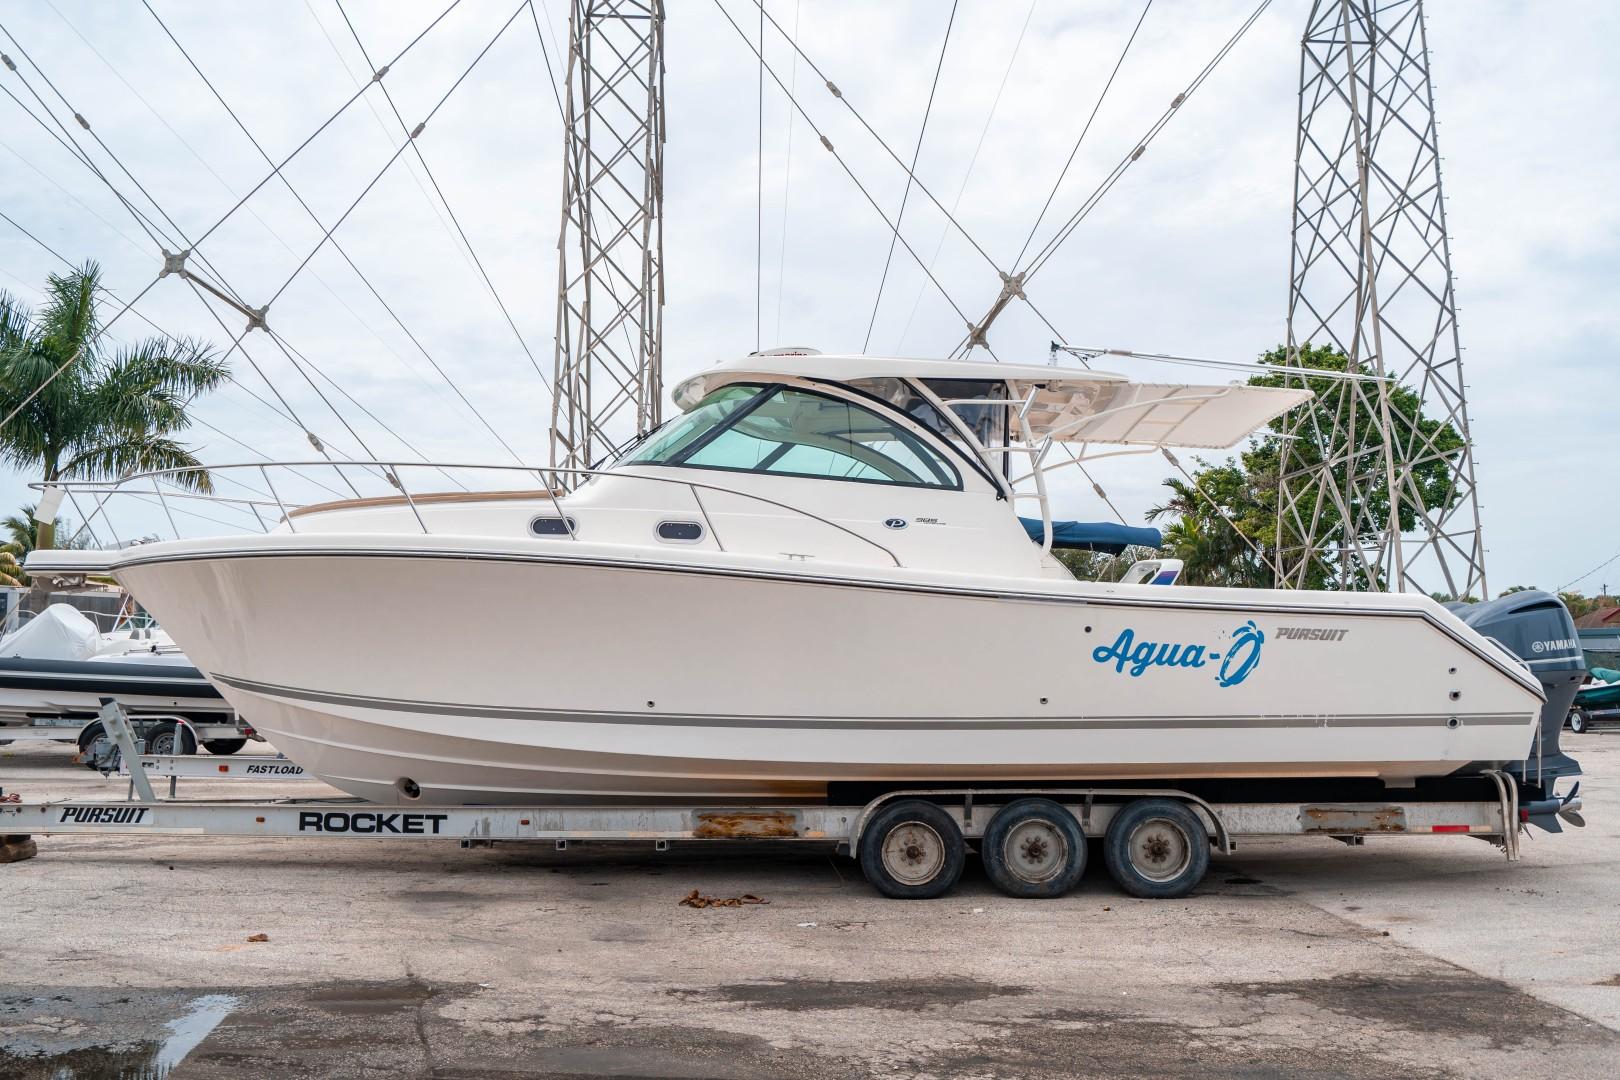 Pursuit 38 - Agua 0 - Port Profile